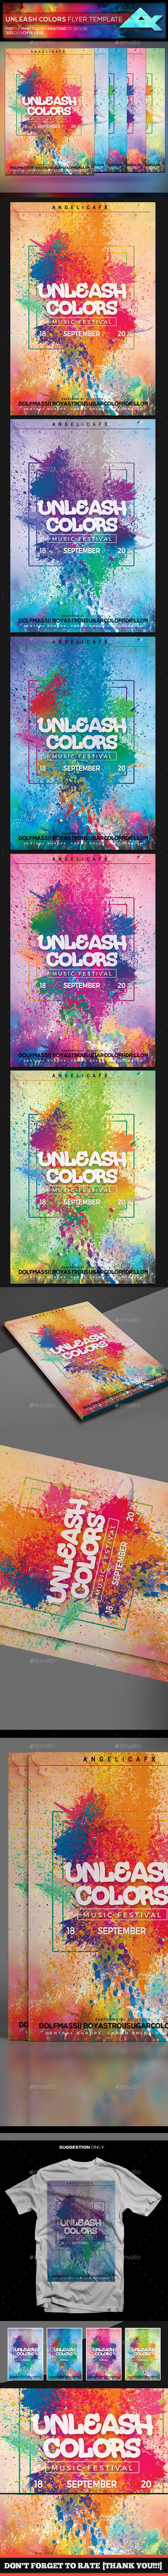 Unleash Colors Flyer Template - Flyers Print Templates